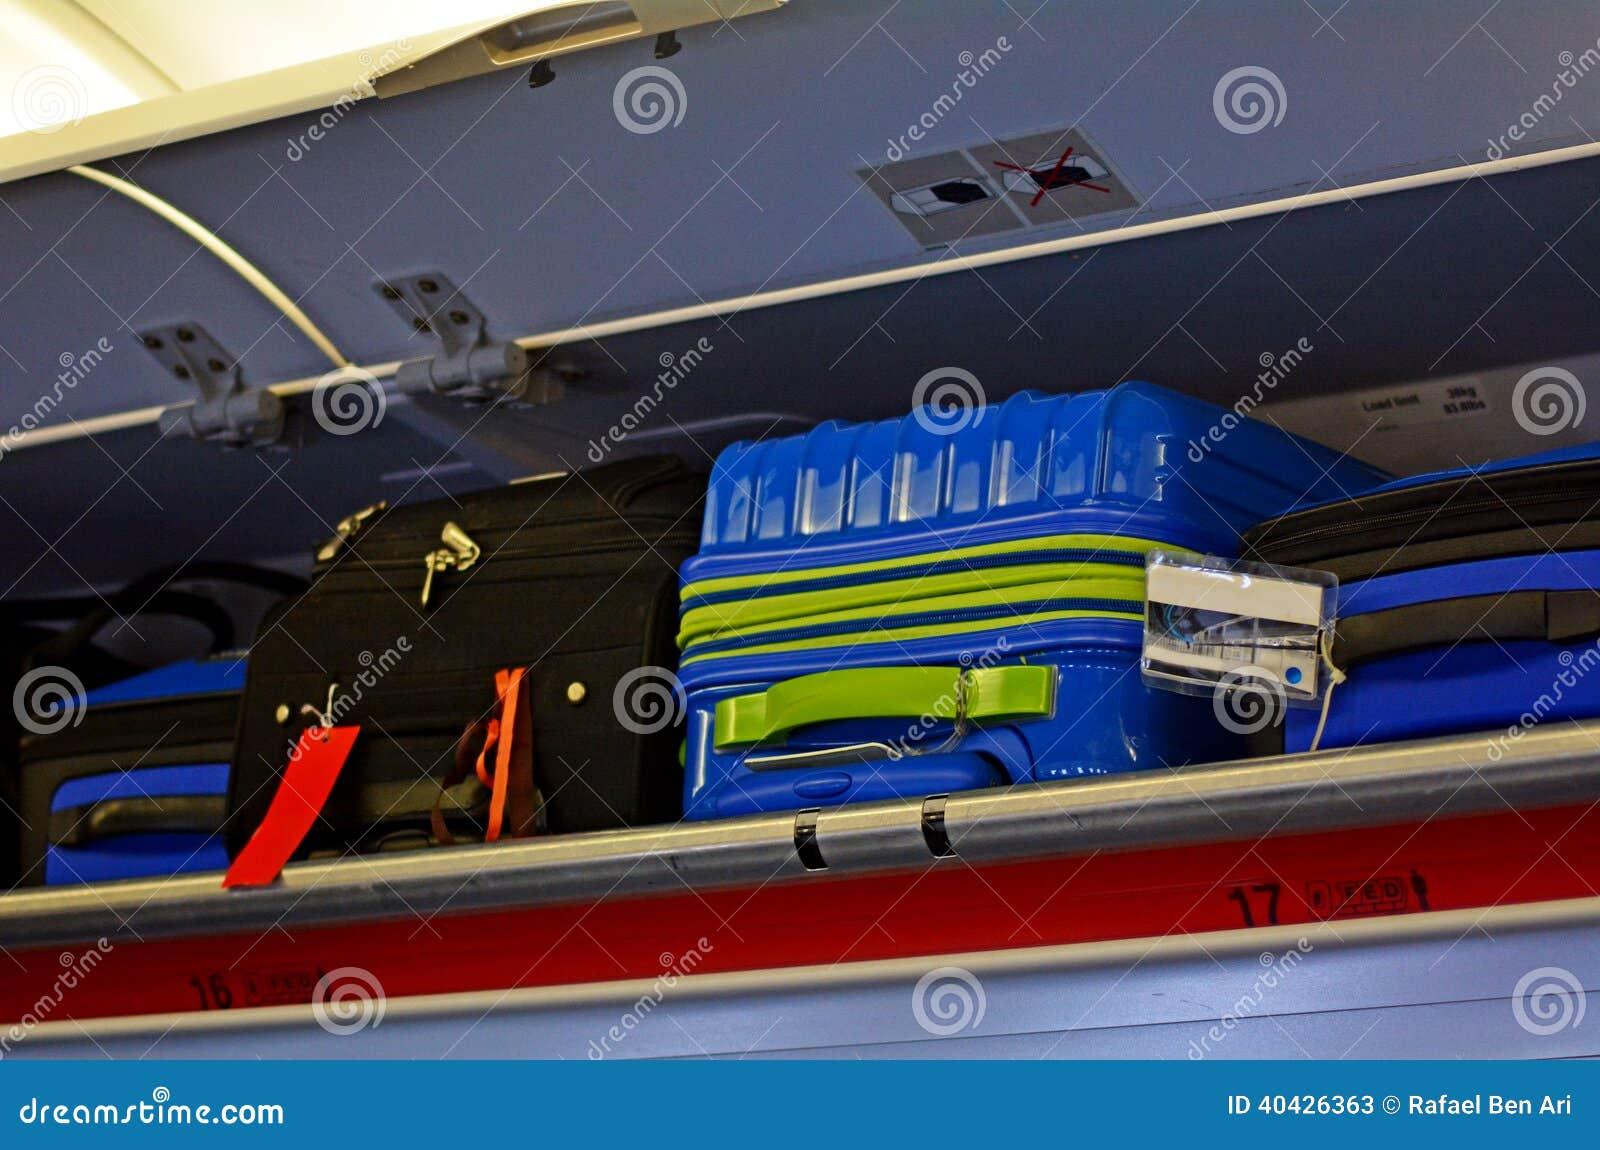 随身携带和顶上的行李